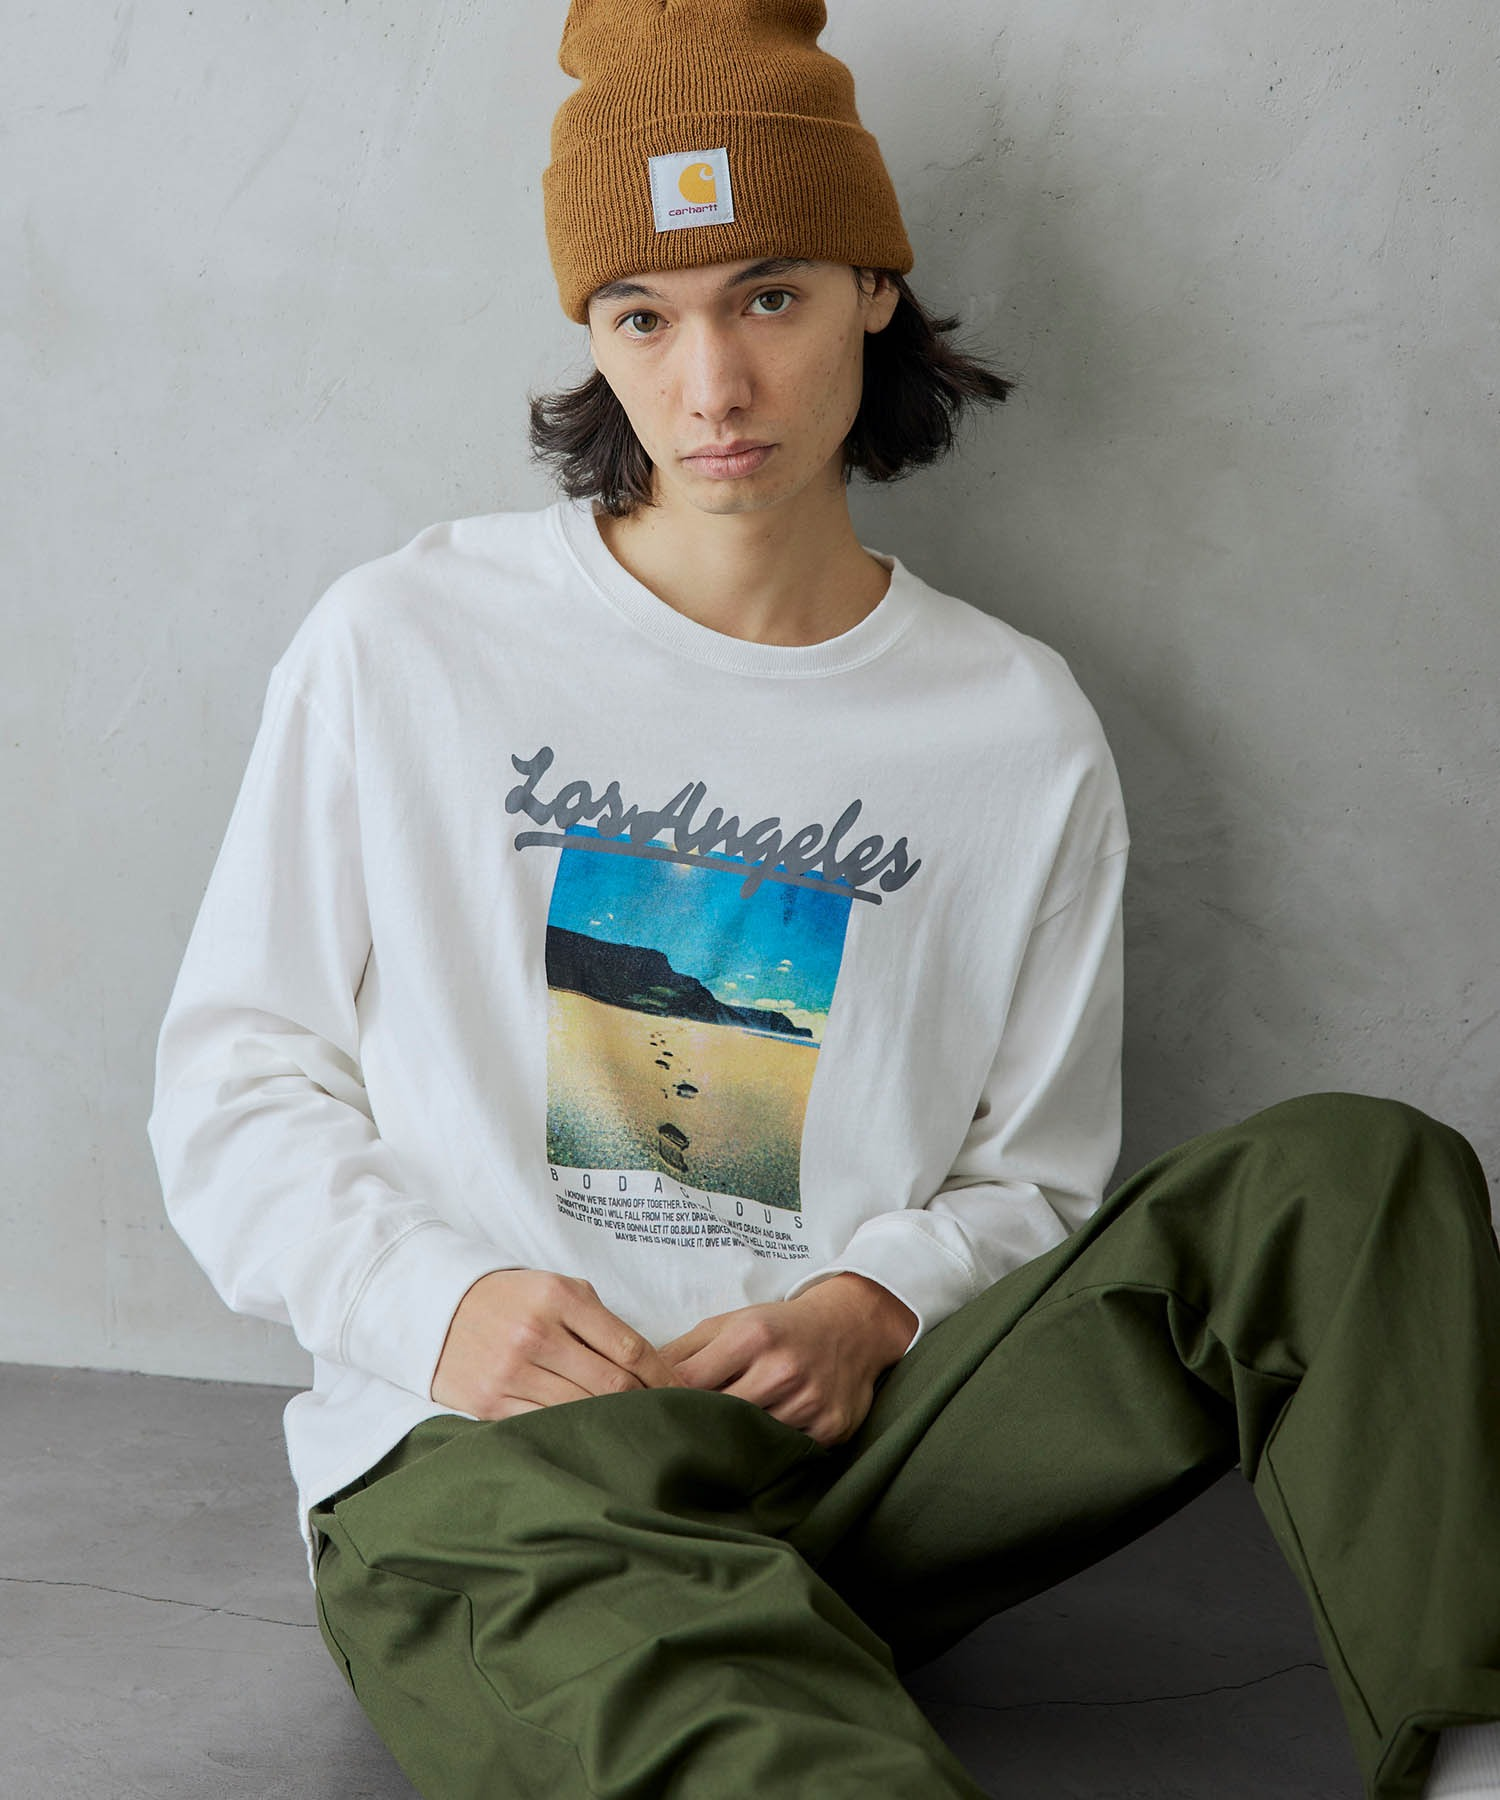 ロゴ×フォトプリント オーバーサイズクルーネック長袖Tシャツ /グラフィック / アート / ロック / バックプリント / フォト / アメリカン